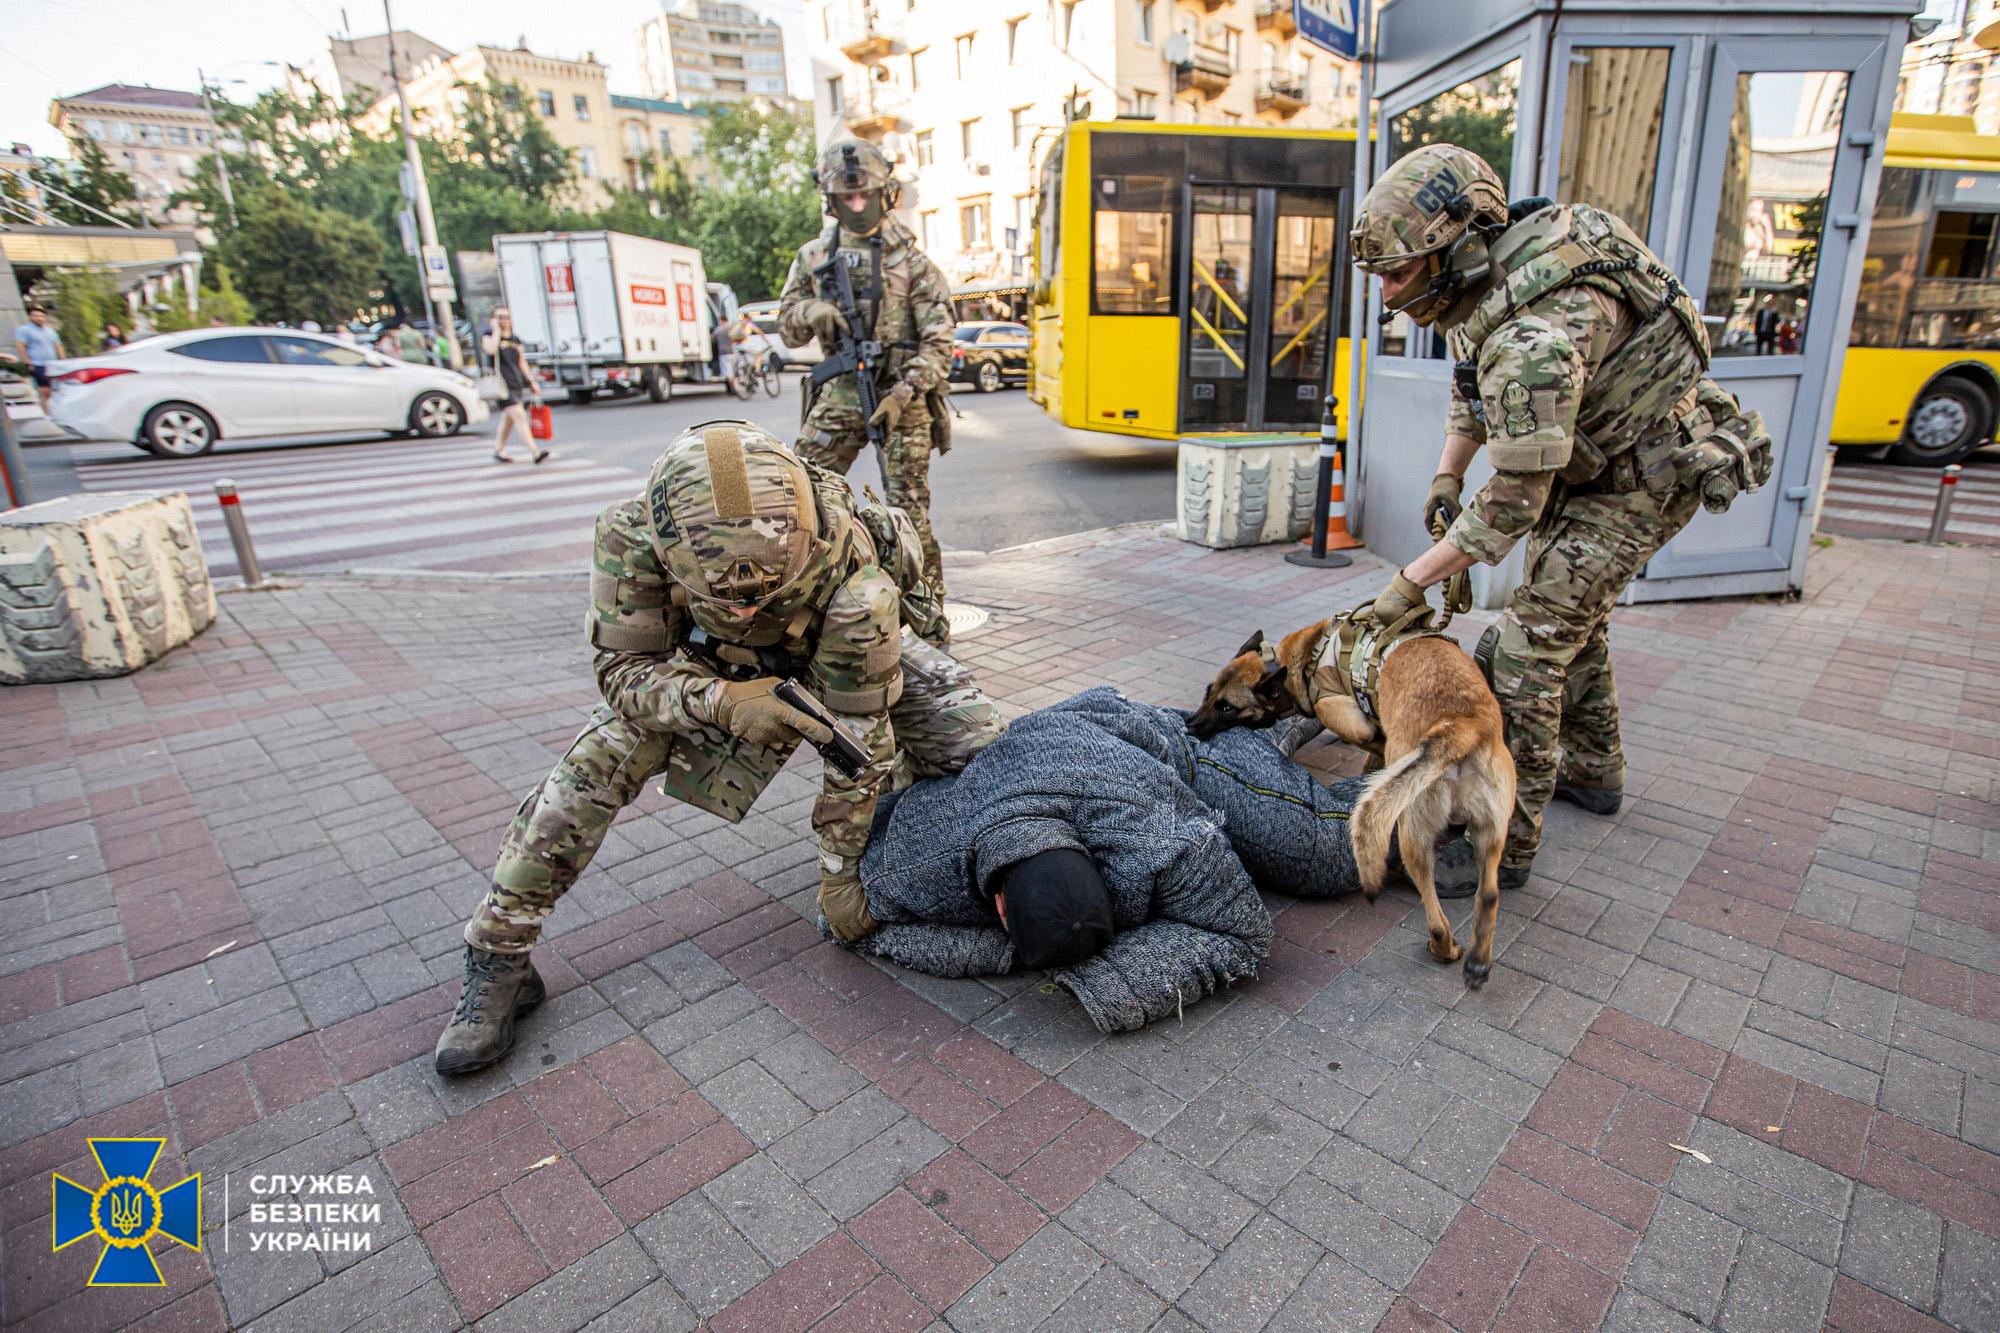 """Муфтий призвал наказать СБУ за """"исламофобские"""" учения в Киеве"""